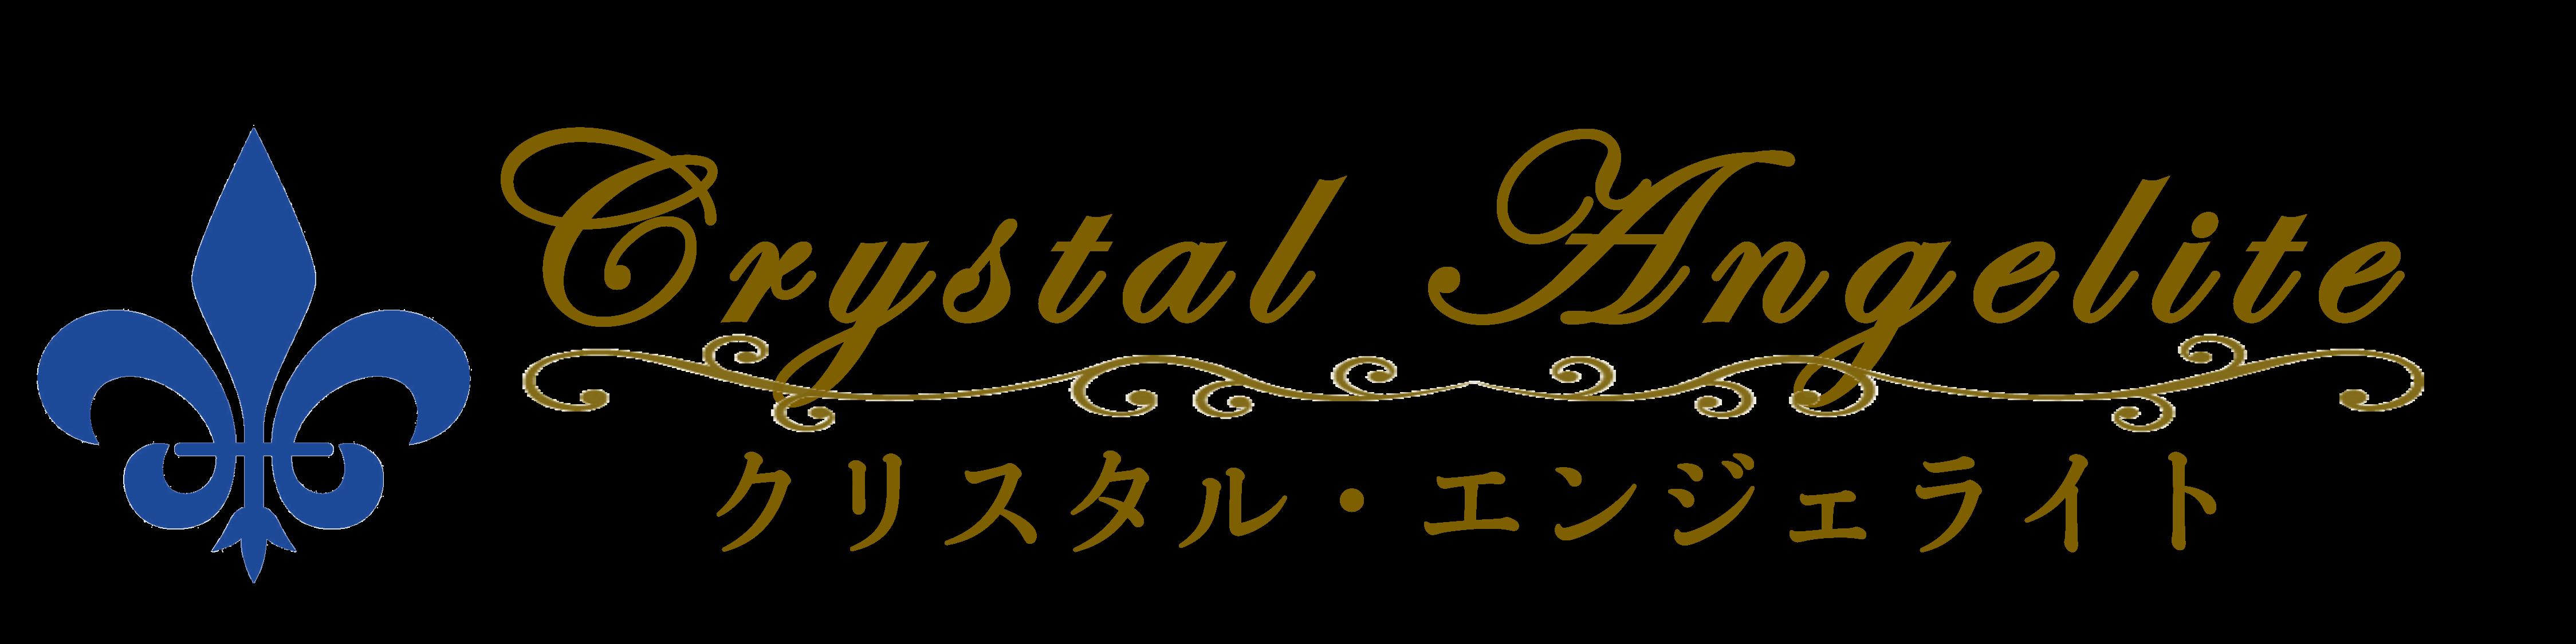 Crystal Angelite